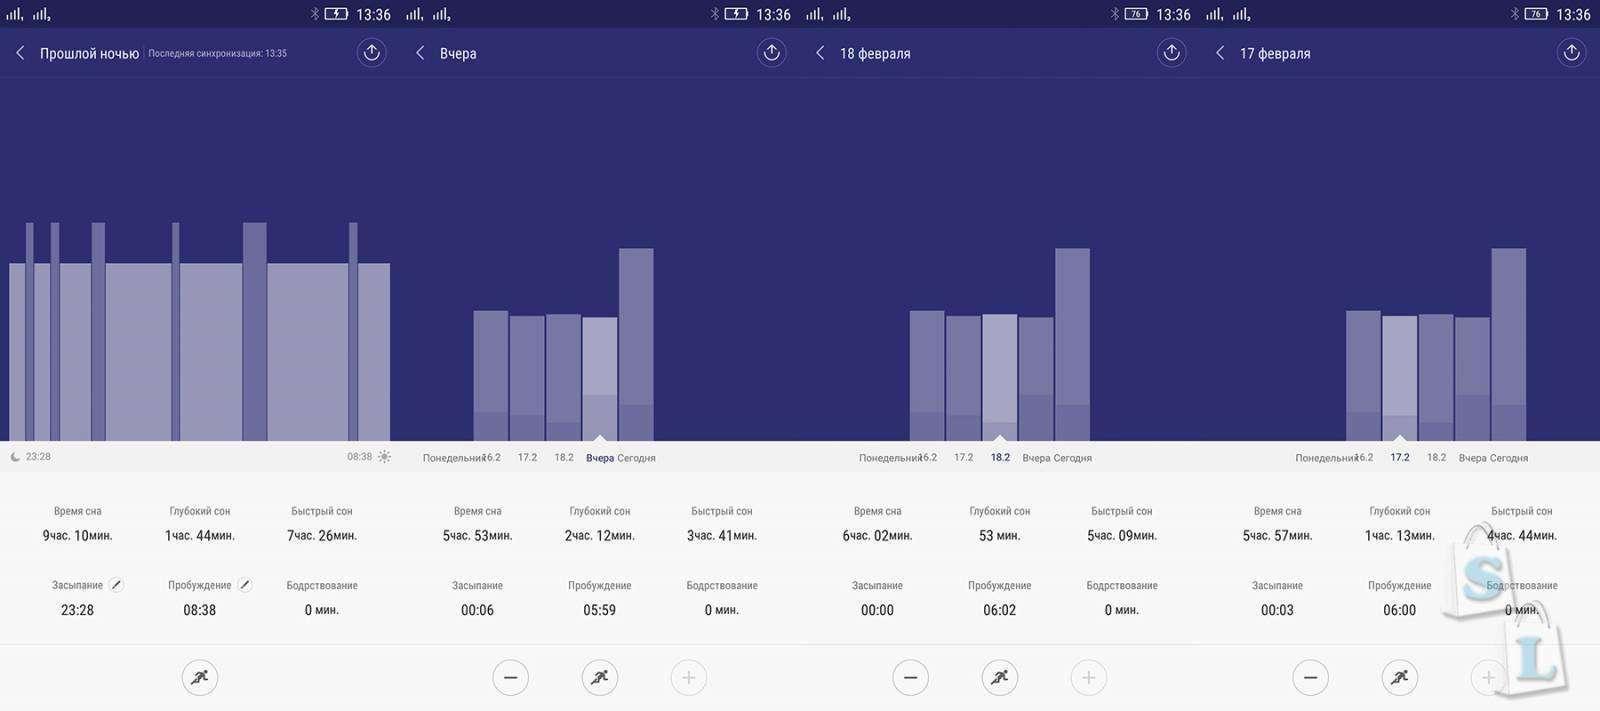 Aliexpress: Стопятьсотый обзор о 'умном' браслете Xiaomi Mi Band, или как пройти 10 000 шагов, и сжечь тысячу калорий сидя попой на диване и поедая вкусняшки, а утром проспать на работу))